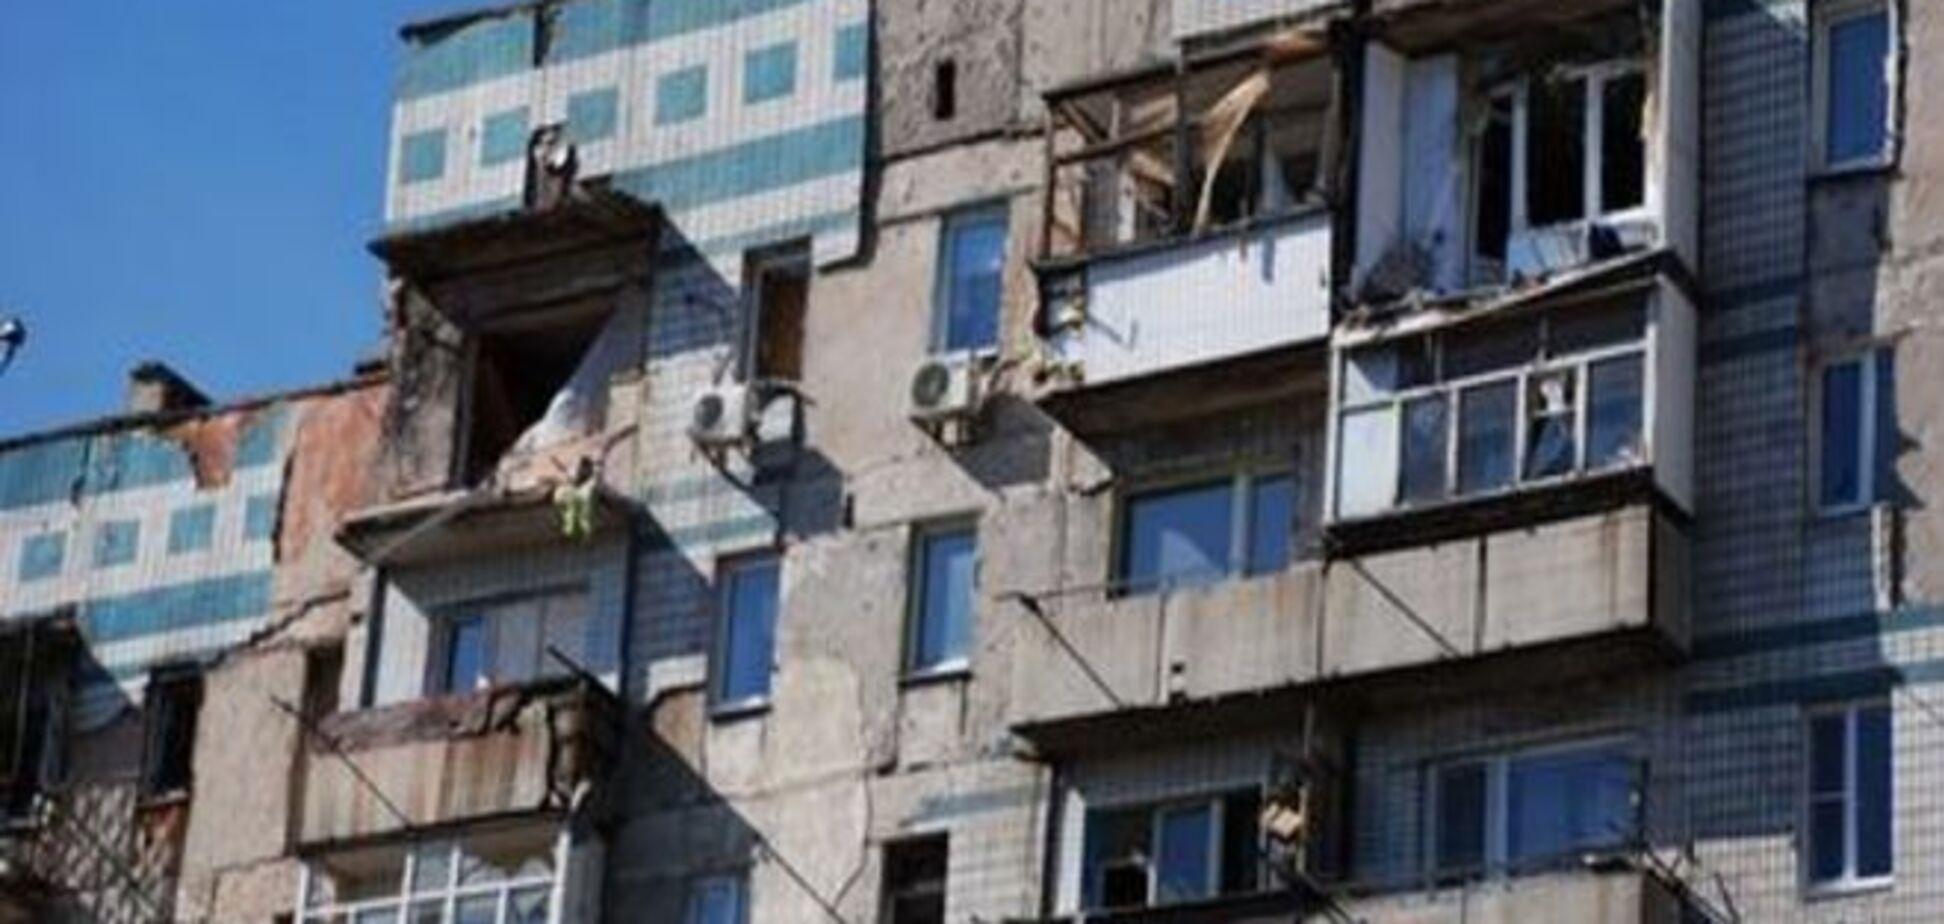 Ситуація на Донбасі знову загострилась: є загиблі